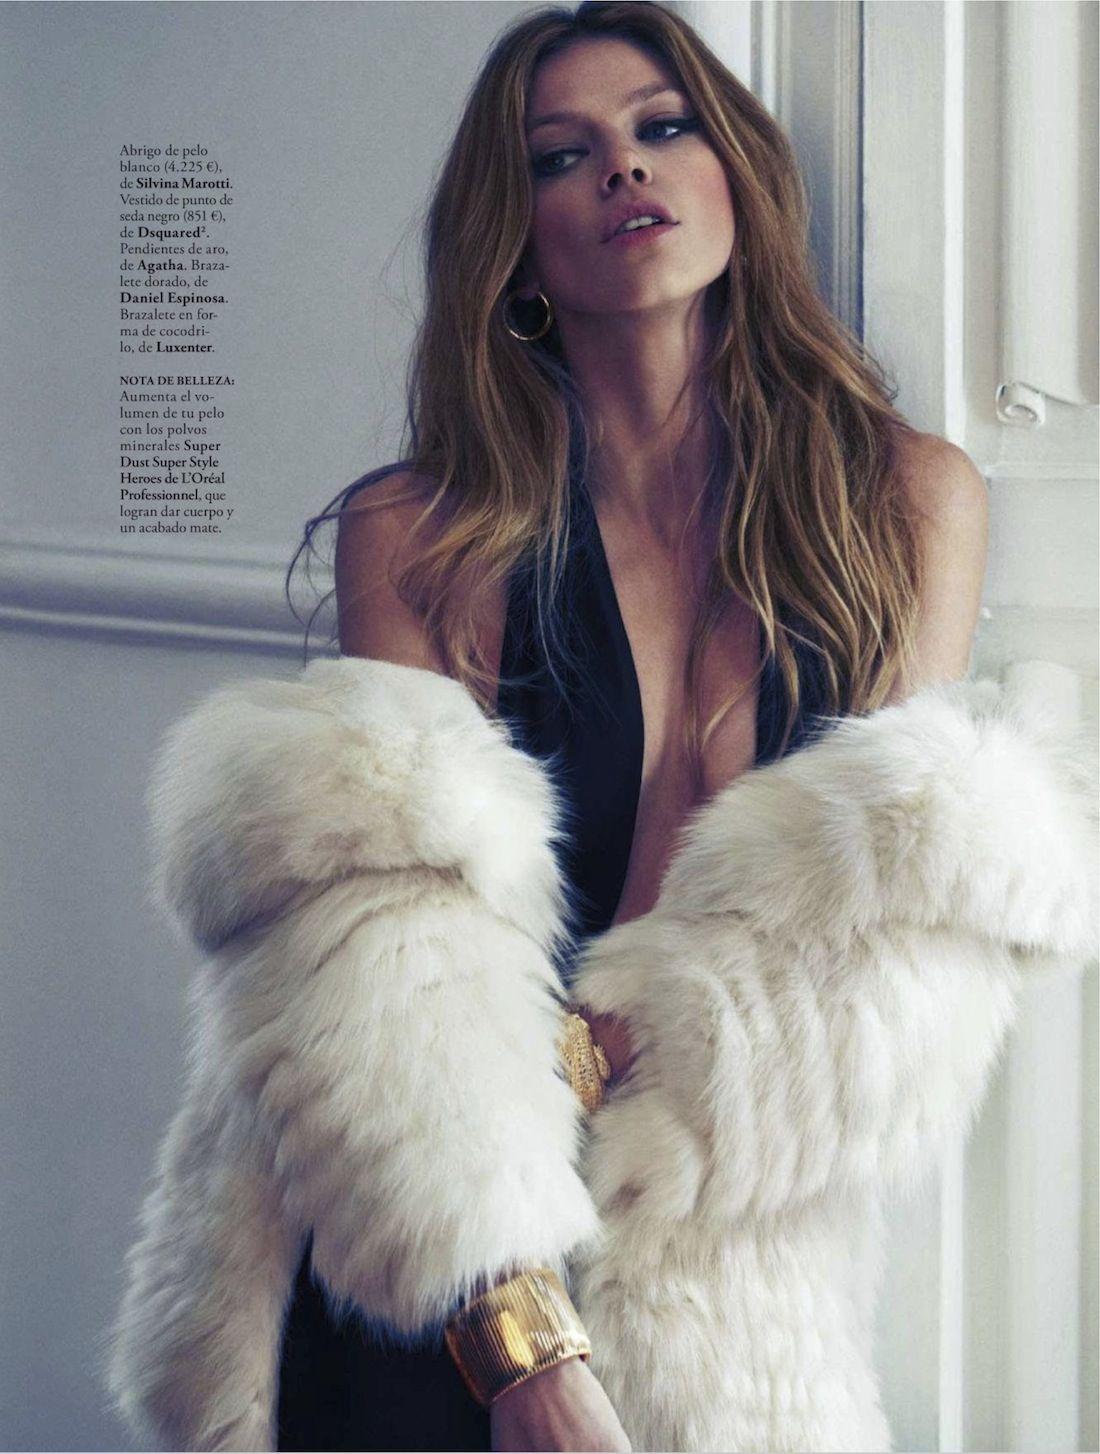 Masha-Novoselova-Xavi-Gordo-Elle-Spain-January-2013-9